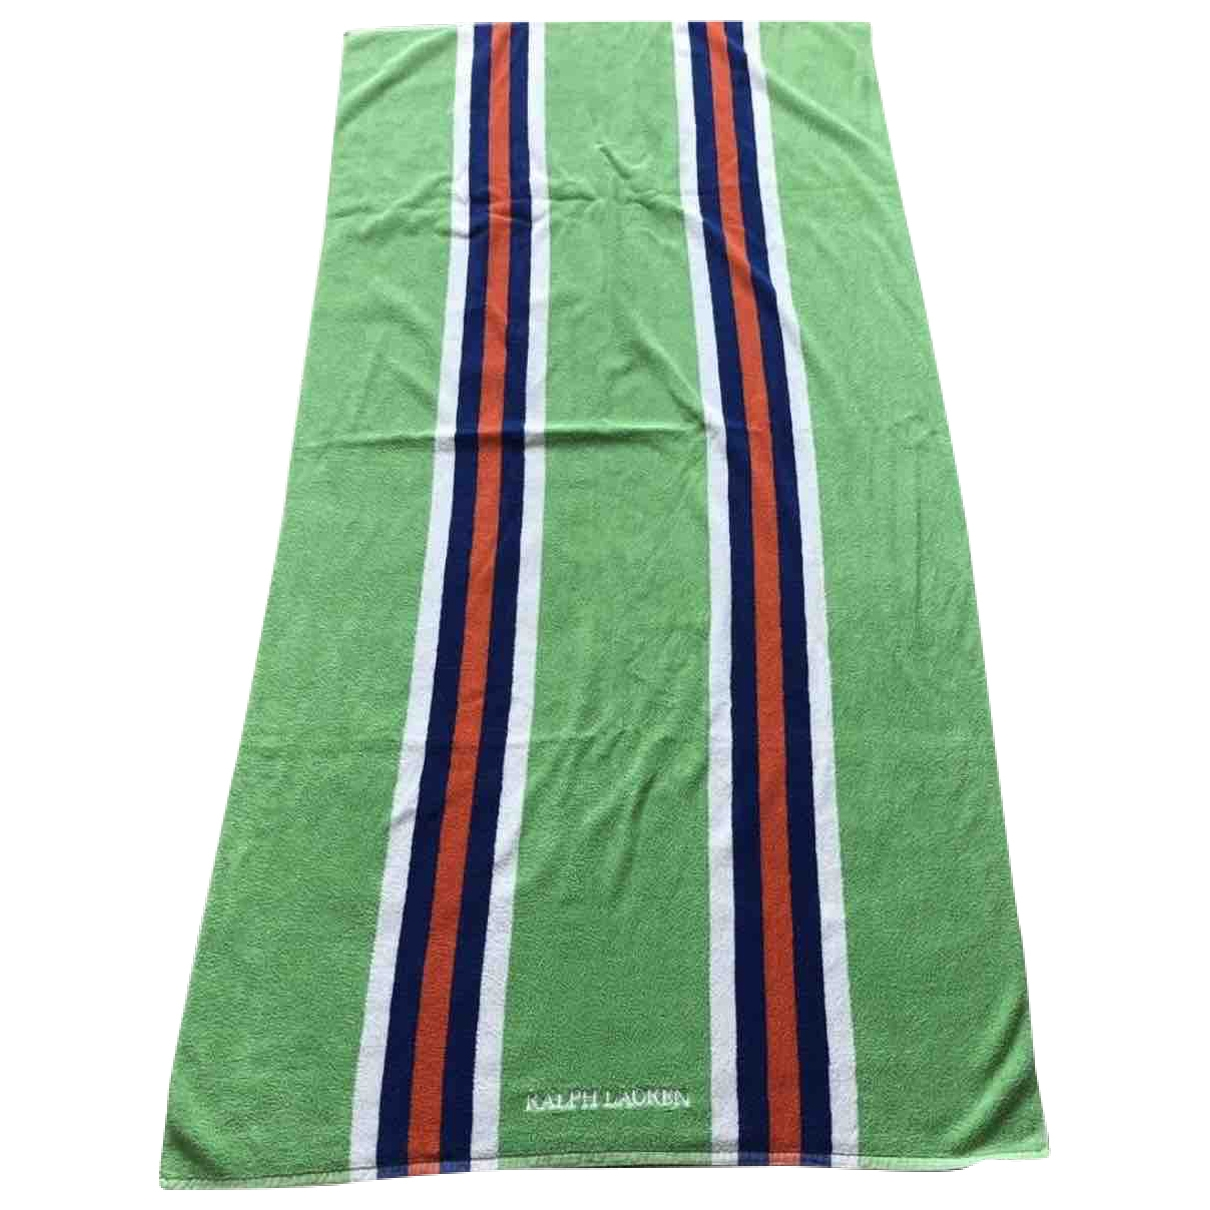 Ralph Lauren - Linge de maison   pour lifestyle en coton - vert